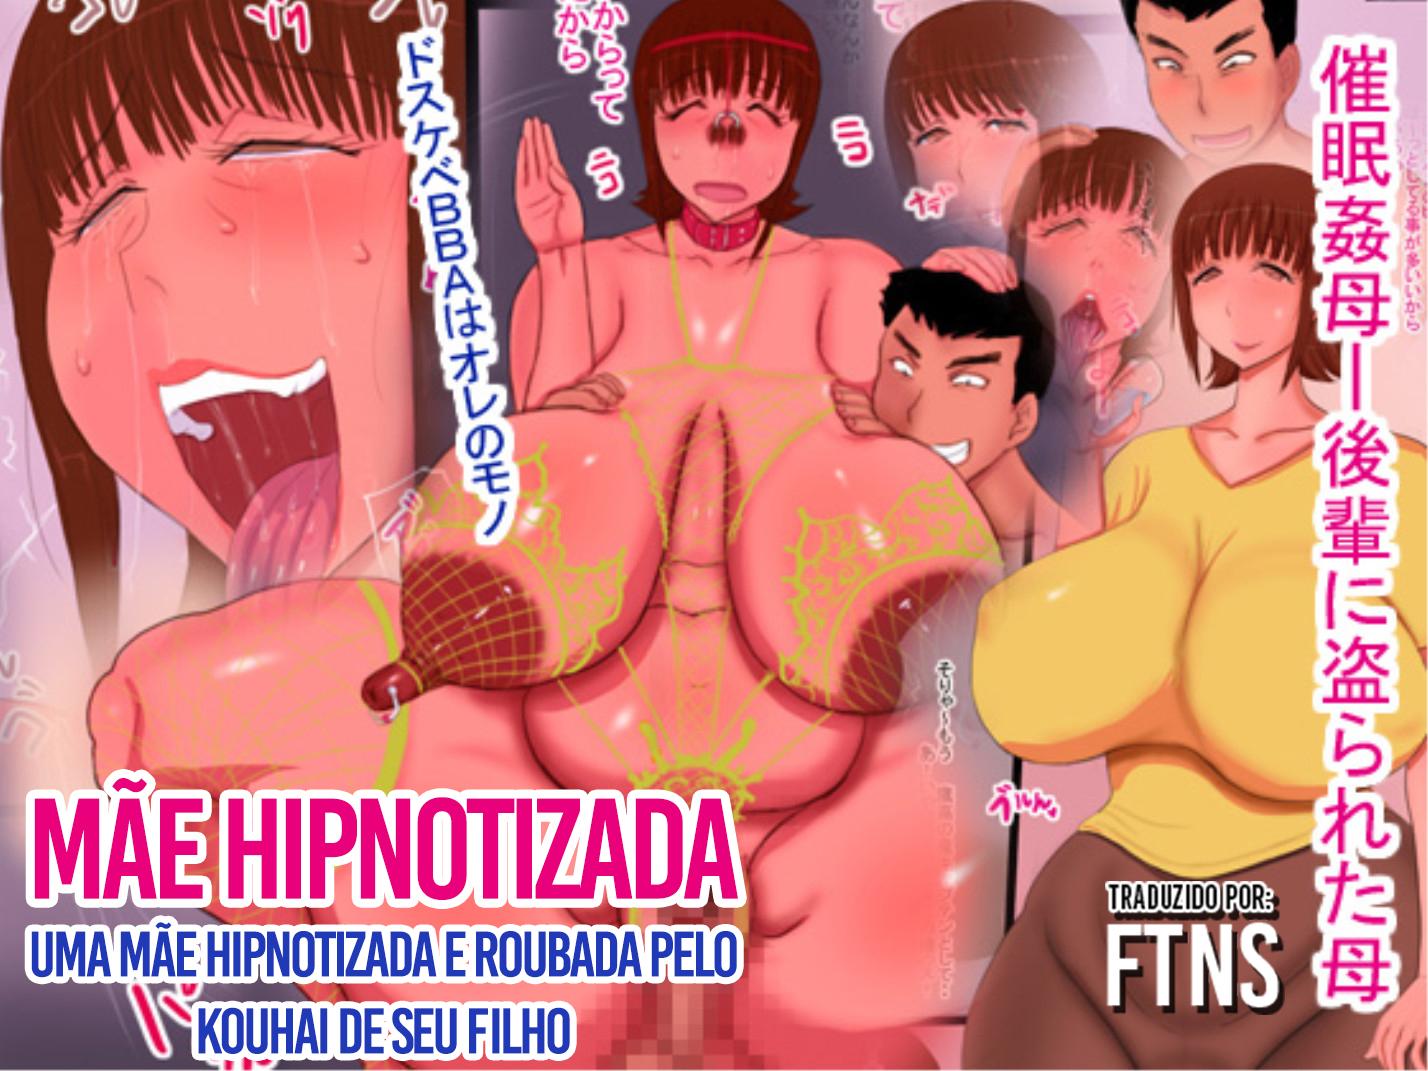 hipnotizando a mae do amigo 1